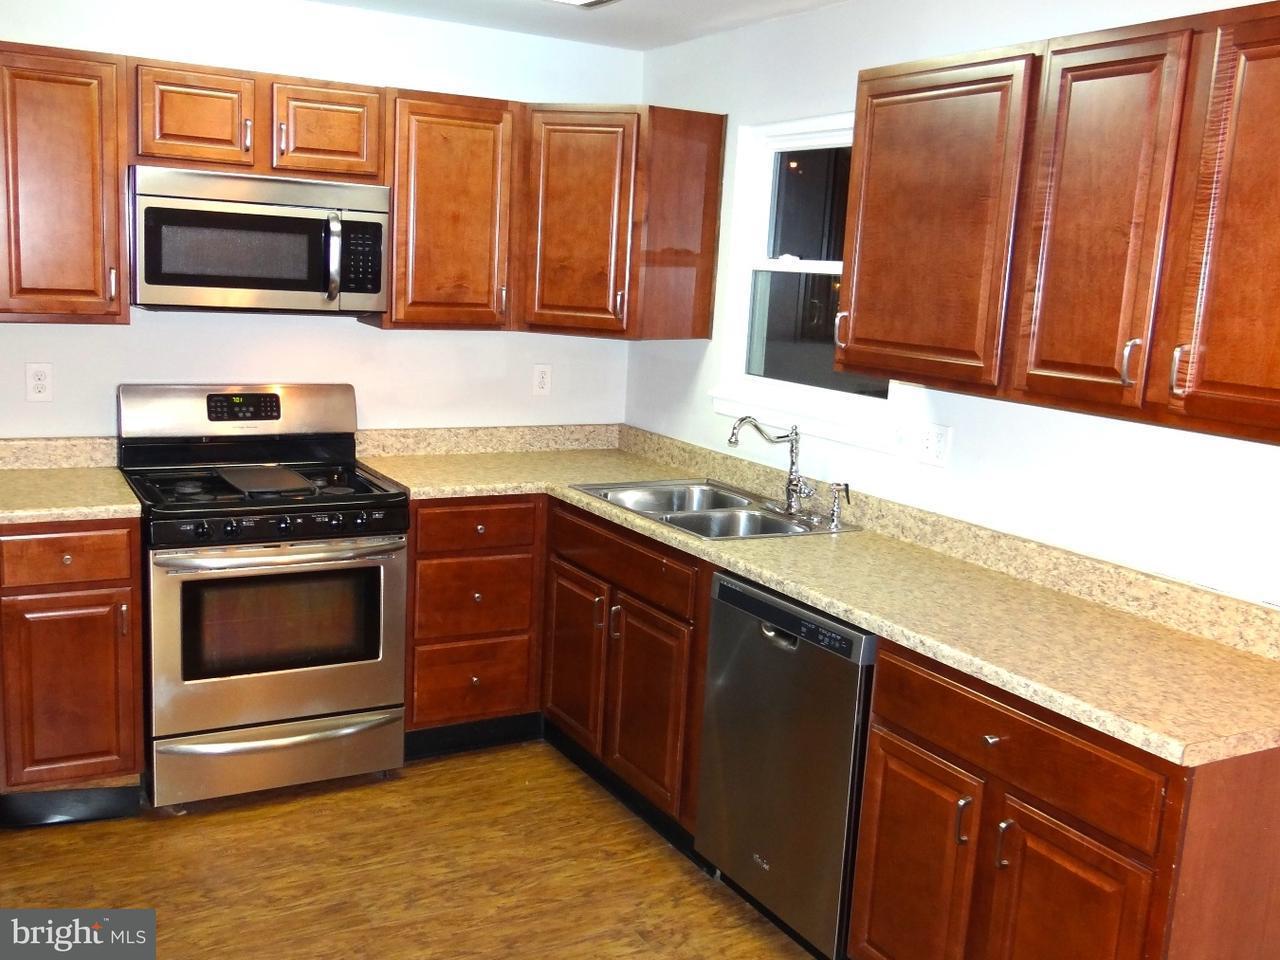 Частный односемейный дом для того Продажа на 101 OAK PINES BLVD Pemberton, Нью-Джерси 08068 Соединенные Штаты